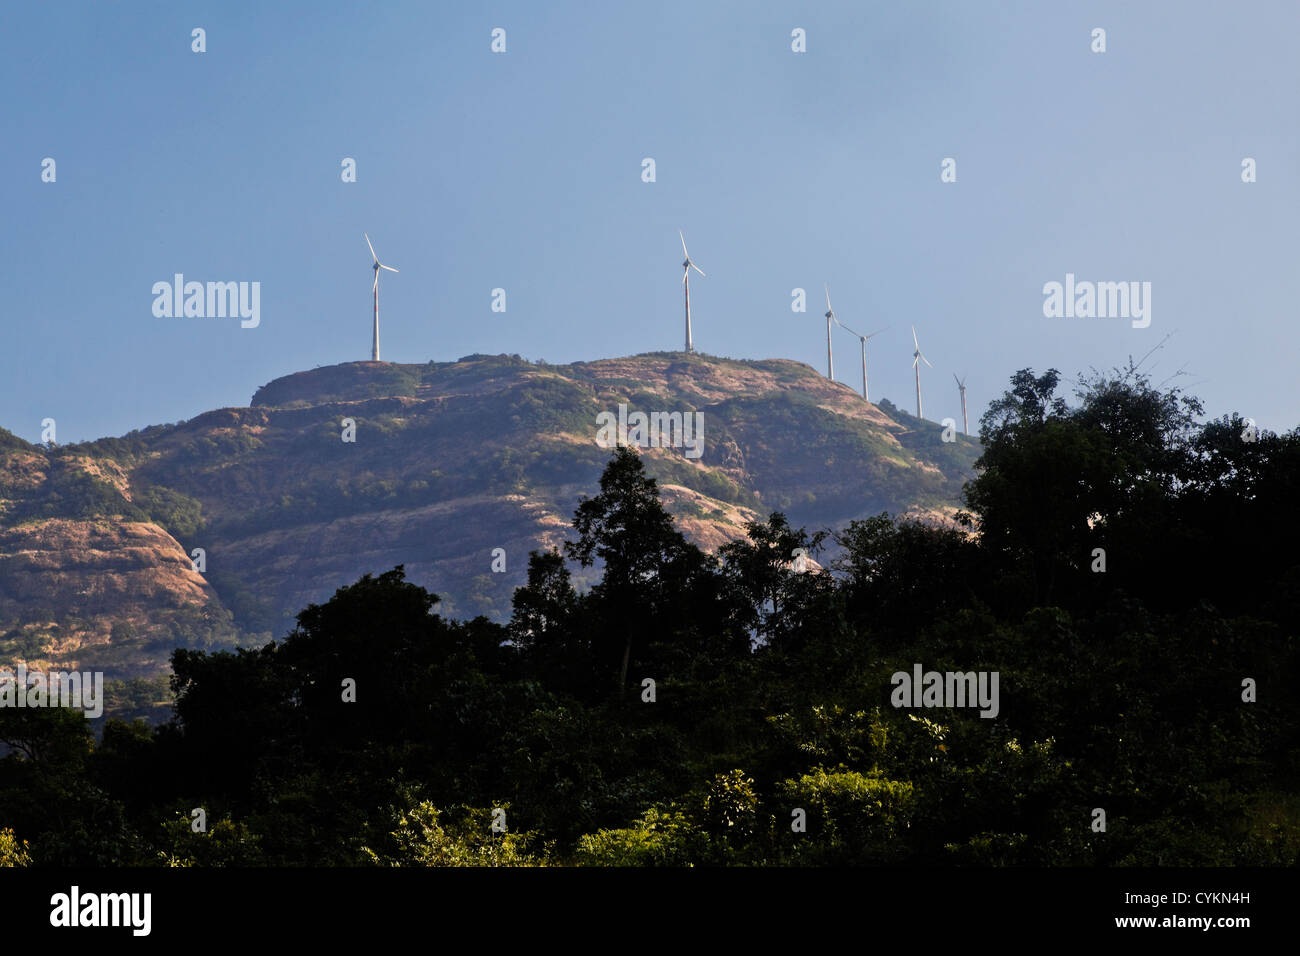 Generico, mulini a vento per produrre energia elettrica a Karjat Hills, Maharashtra, India Immagini Stock